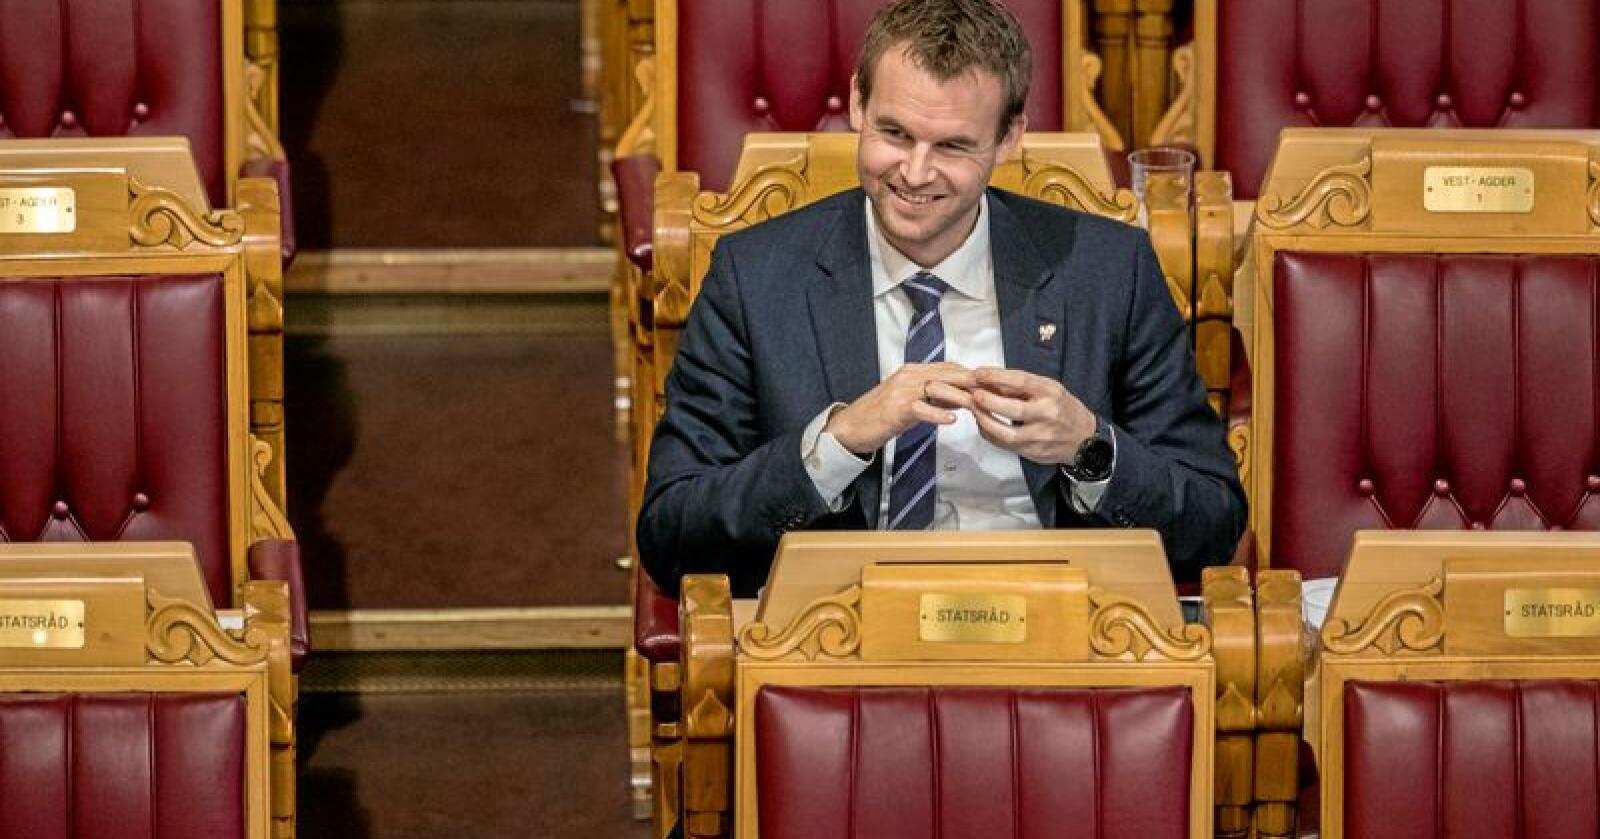 Pelsdyr bør stå høyt opp på prioriteringslista når KrF-nestleder Kjell Ingolf Ropstad skal forhandle med de øvrige Solberg-partiene om regjeringsmakt, skriver leserbrevforfatterne. Foto: Ole Berg-Rusten / NTB Scanpix